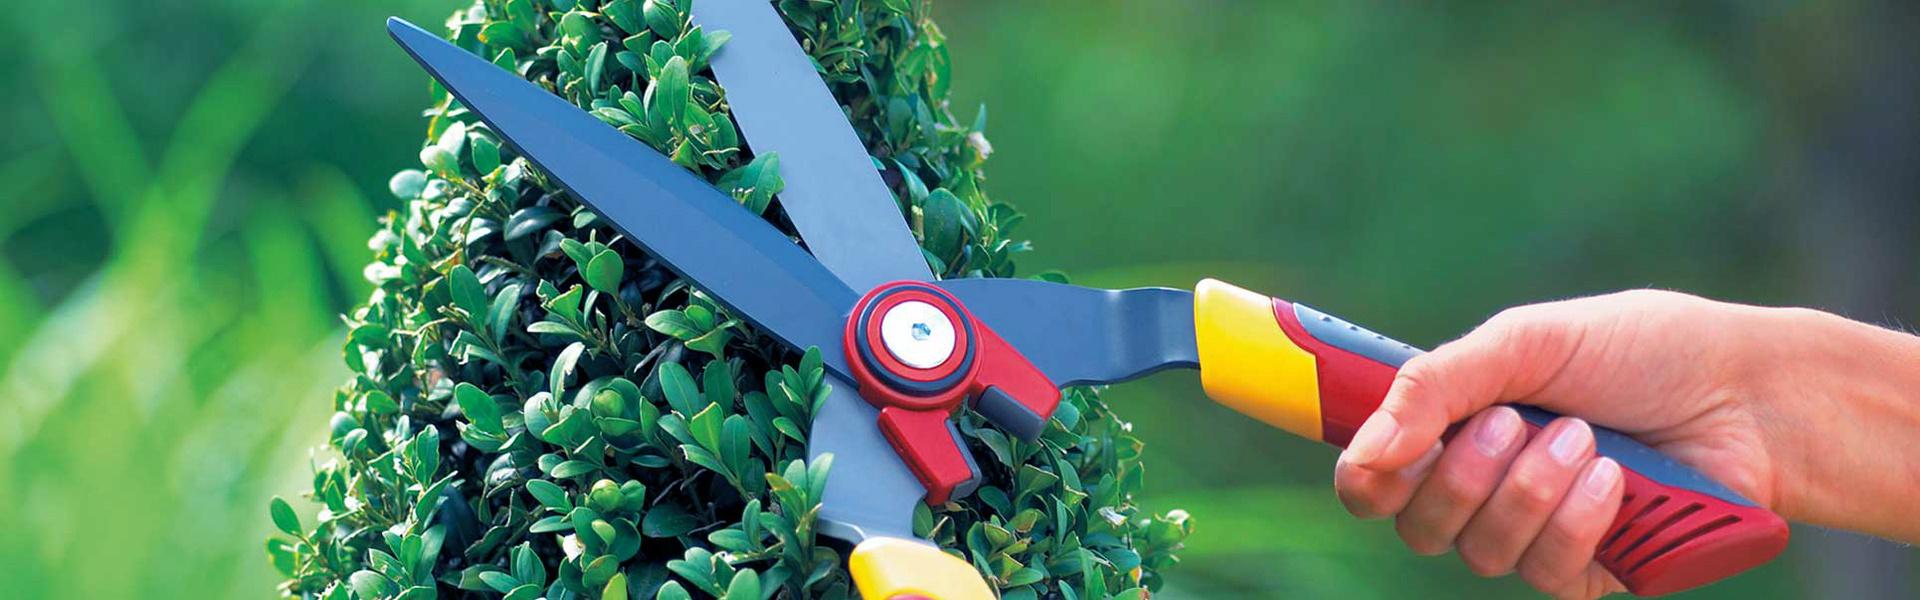 Handmatige heggenscharen ǀ WOLF-Garten